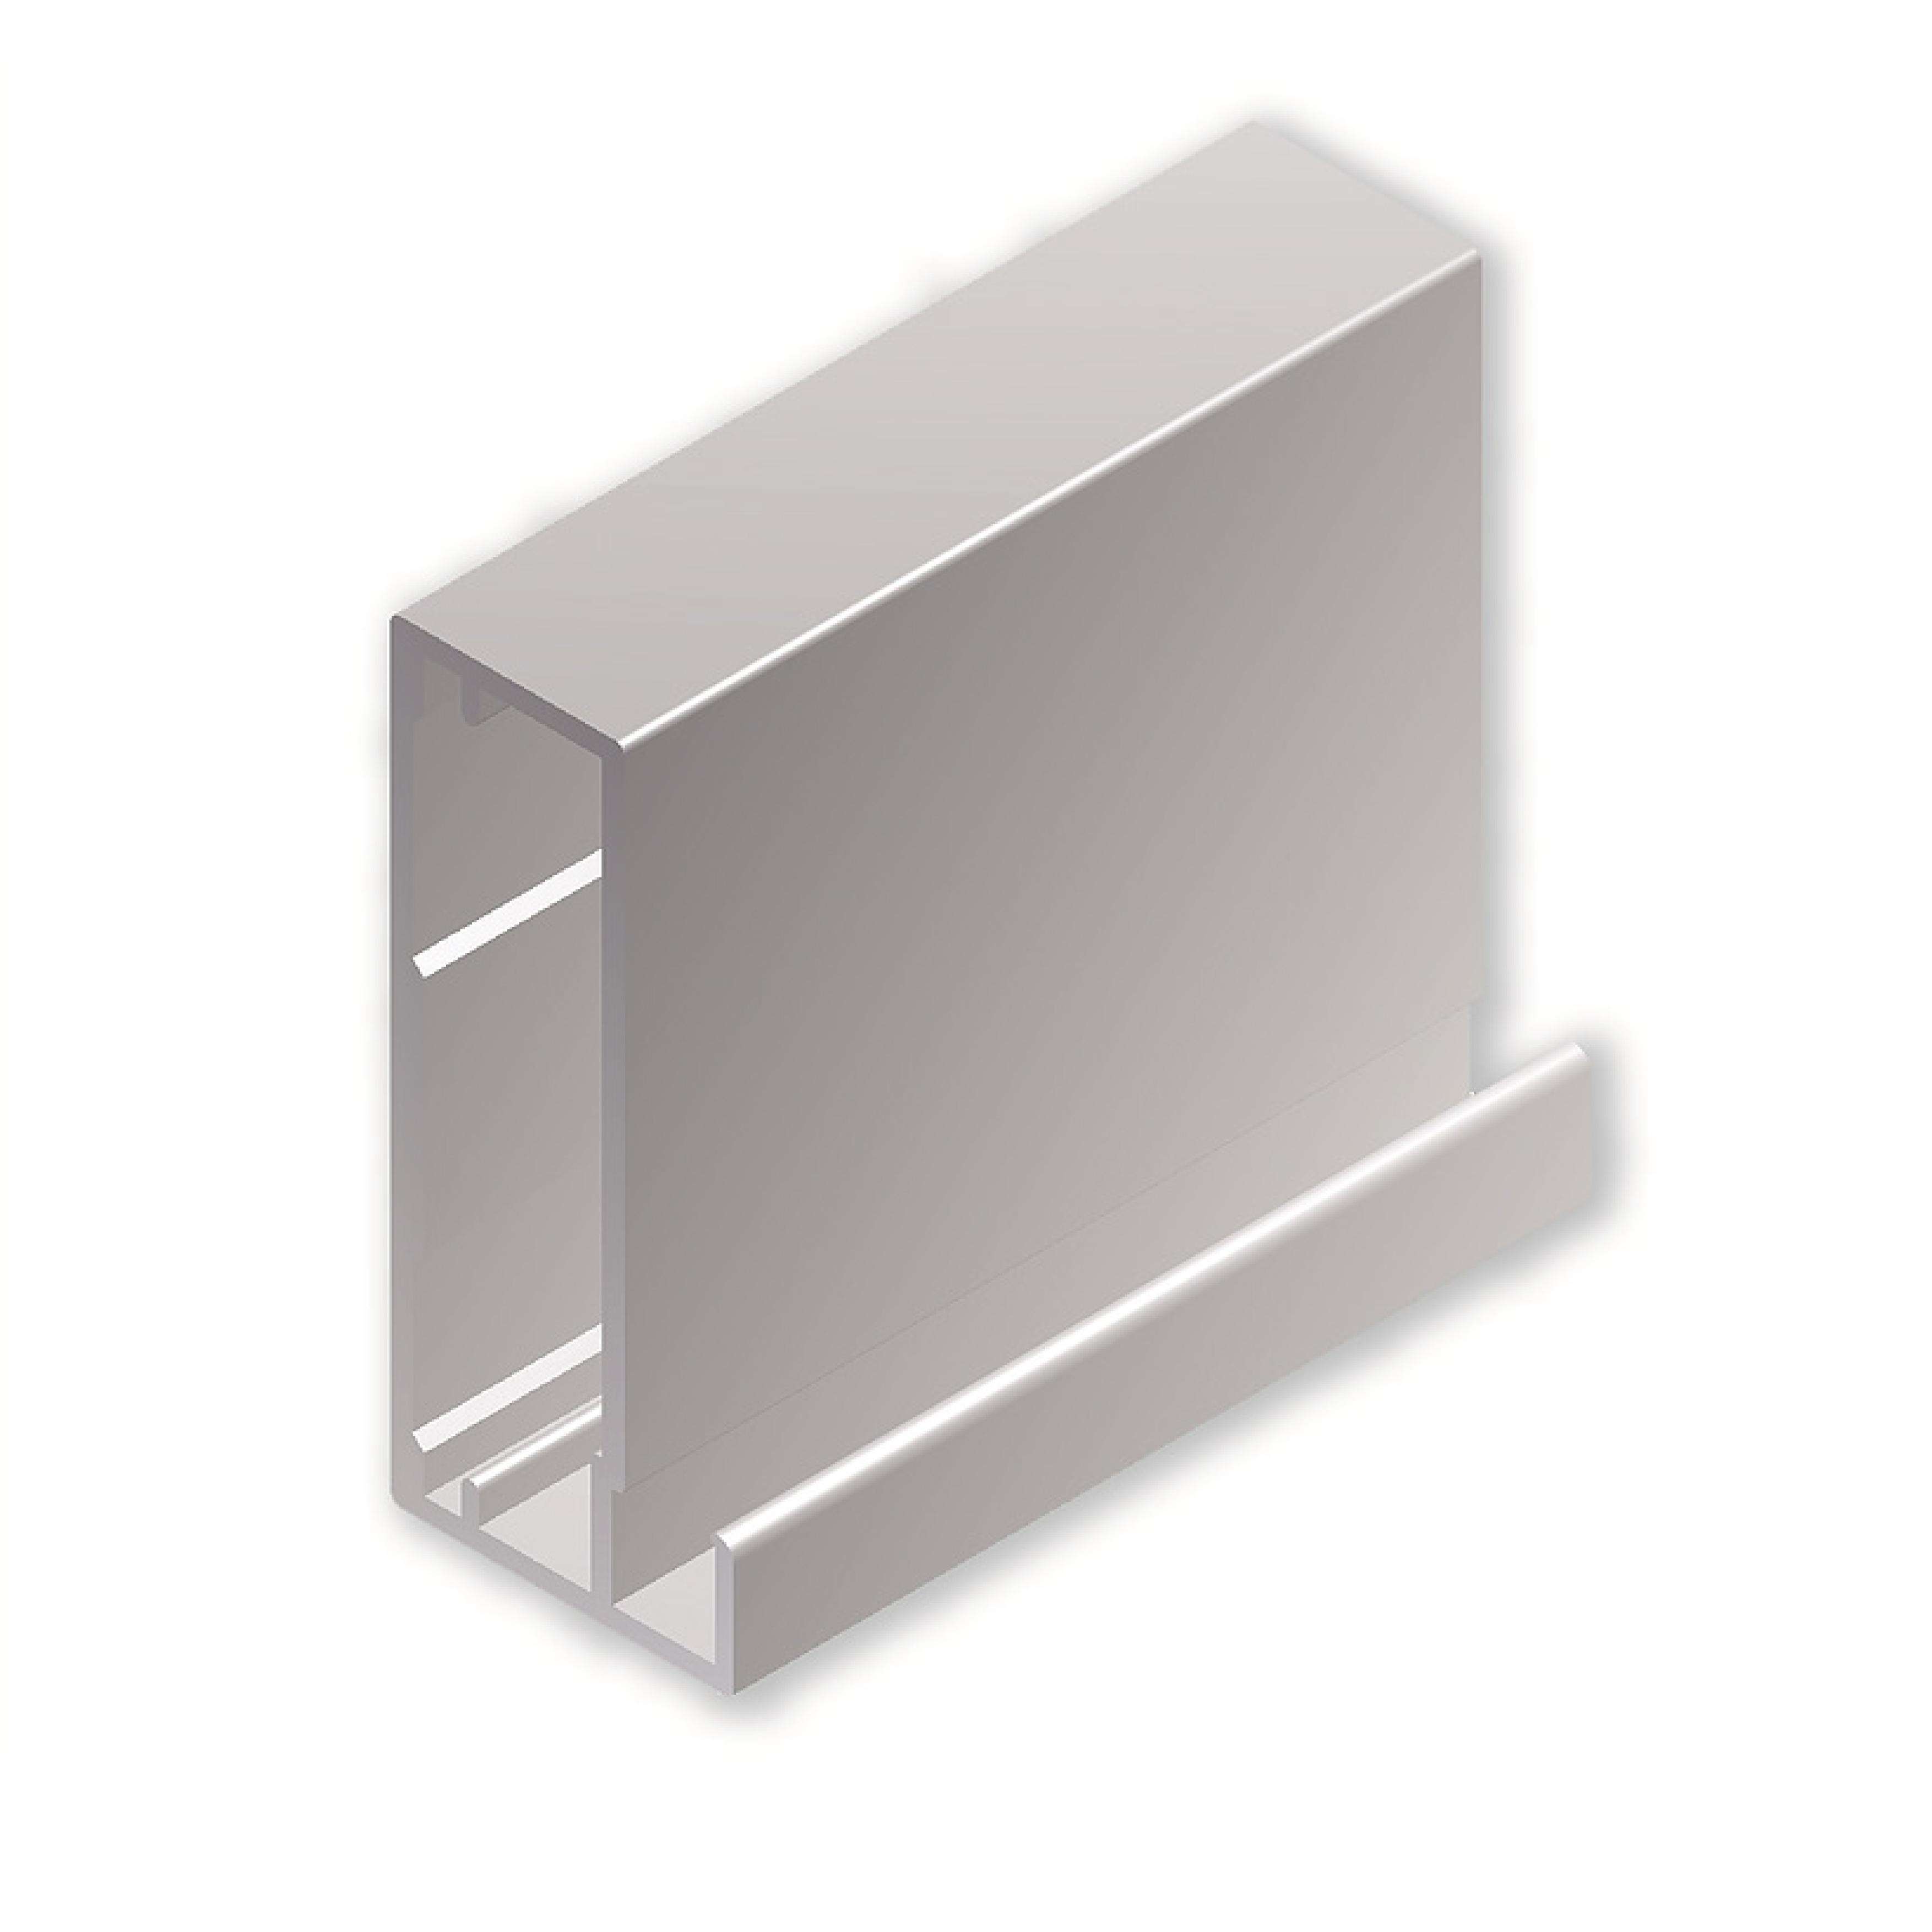 43C404 PERFIL 45x20